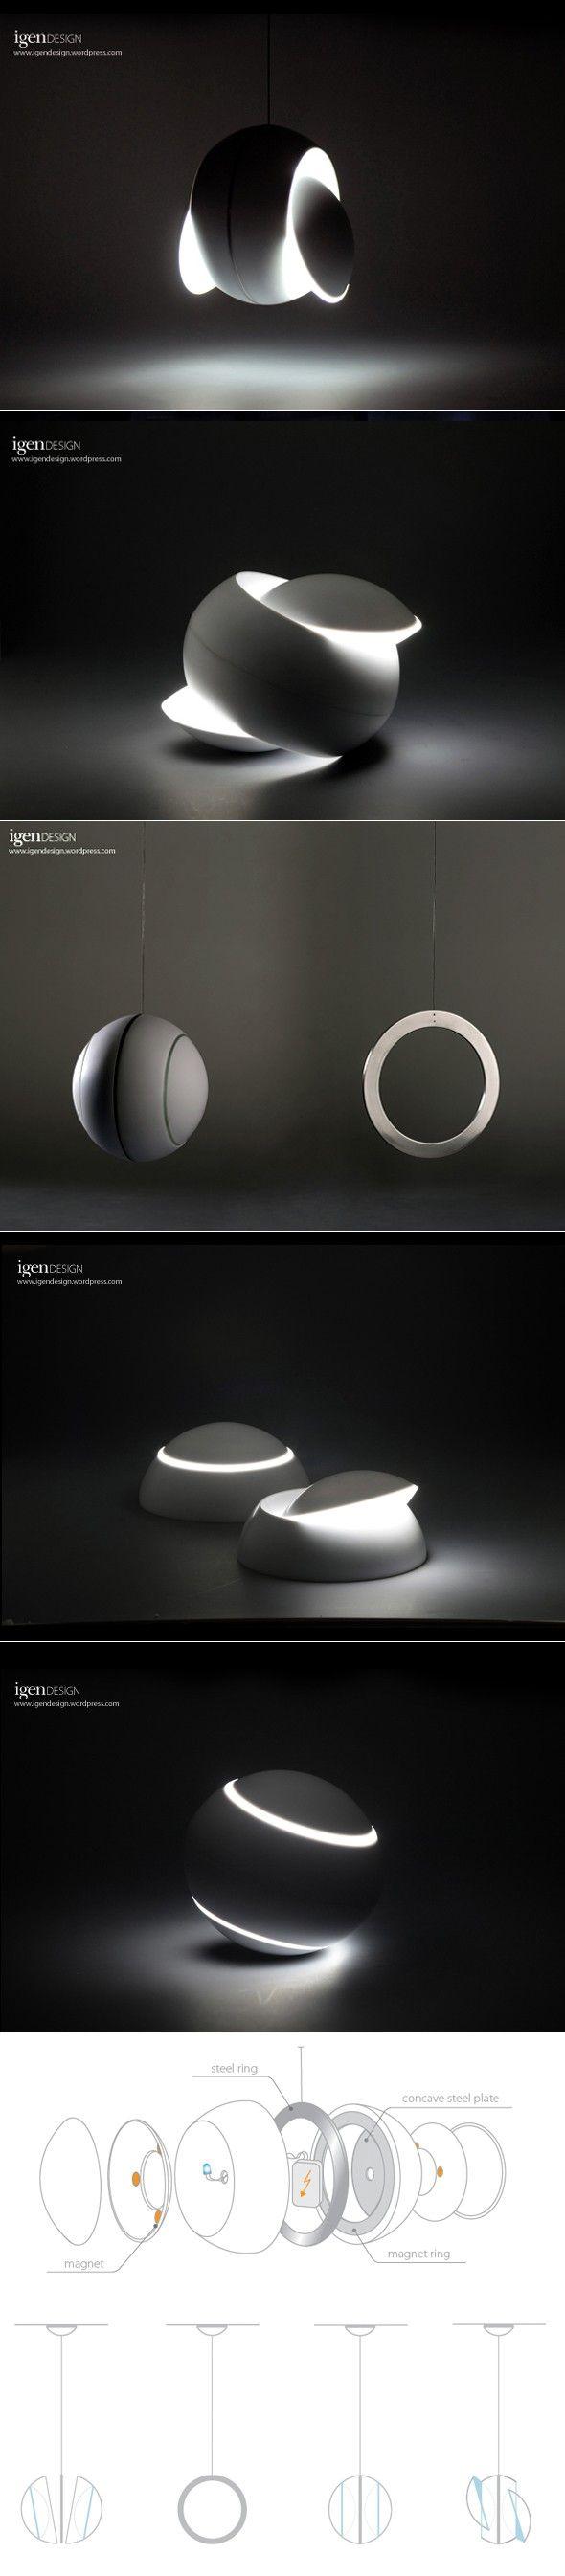 Lampe Nissyoku par igendesign Cette lampe ou suspension appelée Nissyoku créée par IGENdesign est inspirée par les éclipses solaires. Vous pouvez orienter